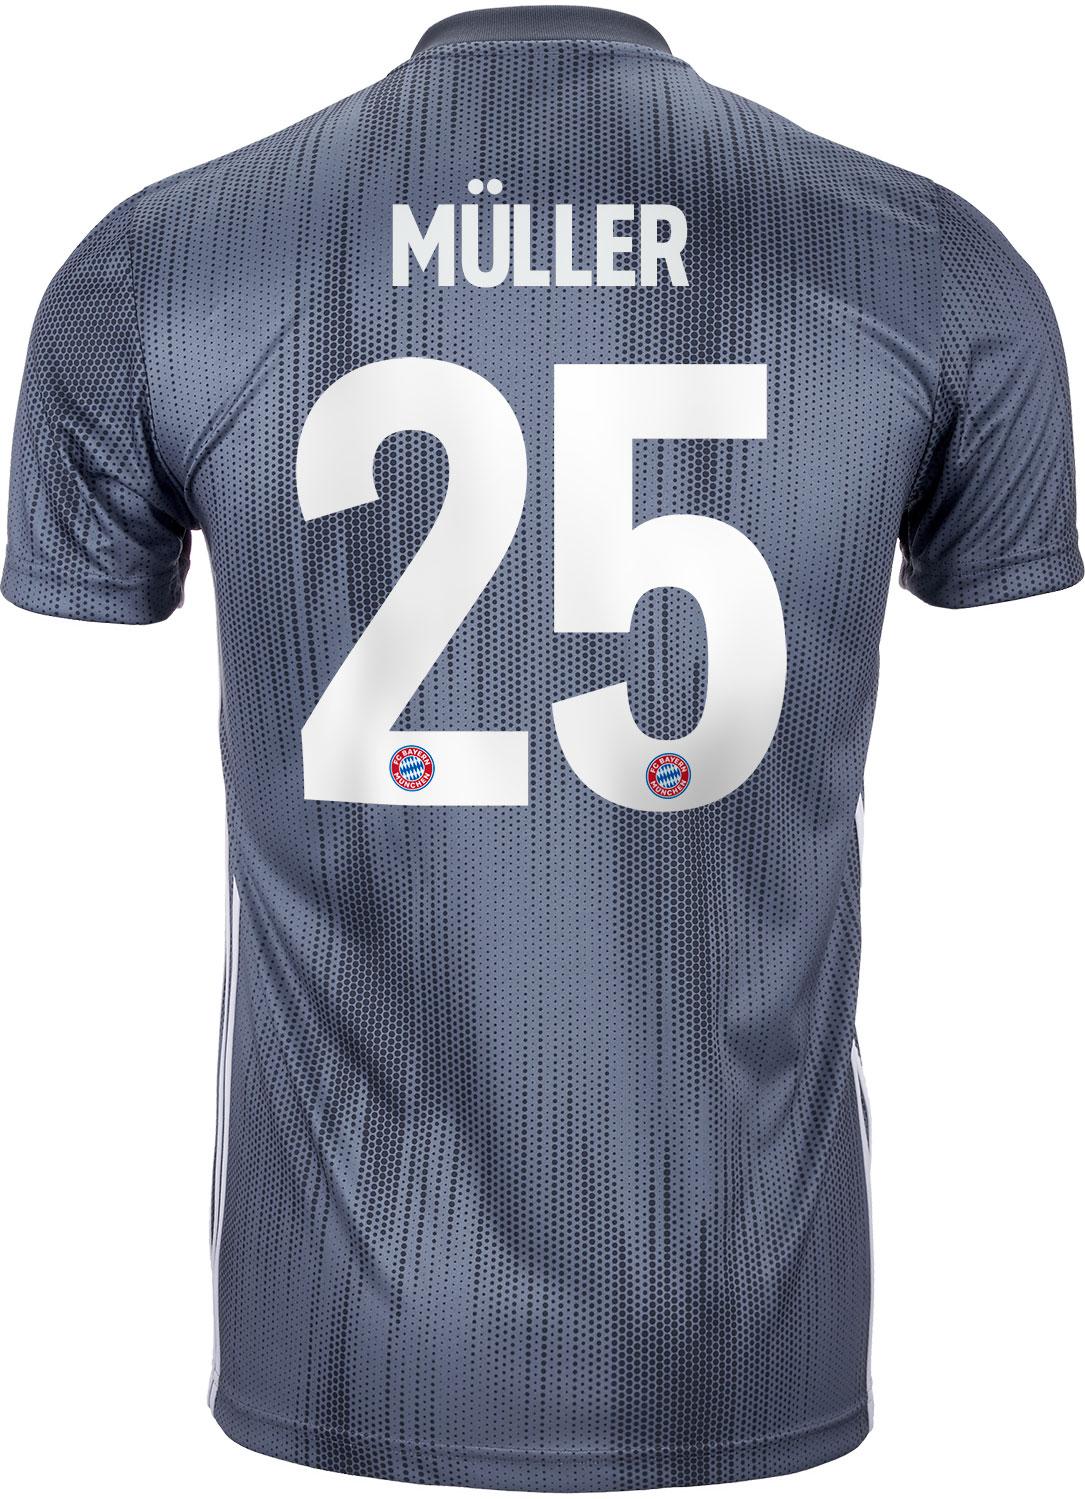 fe448f1c621 2018 19 Kids adidas Thomas Muller Bayern Munich 3rd Jersey - SoccerPro